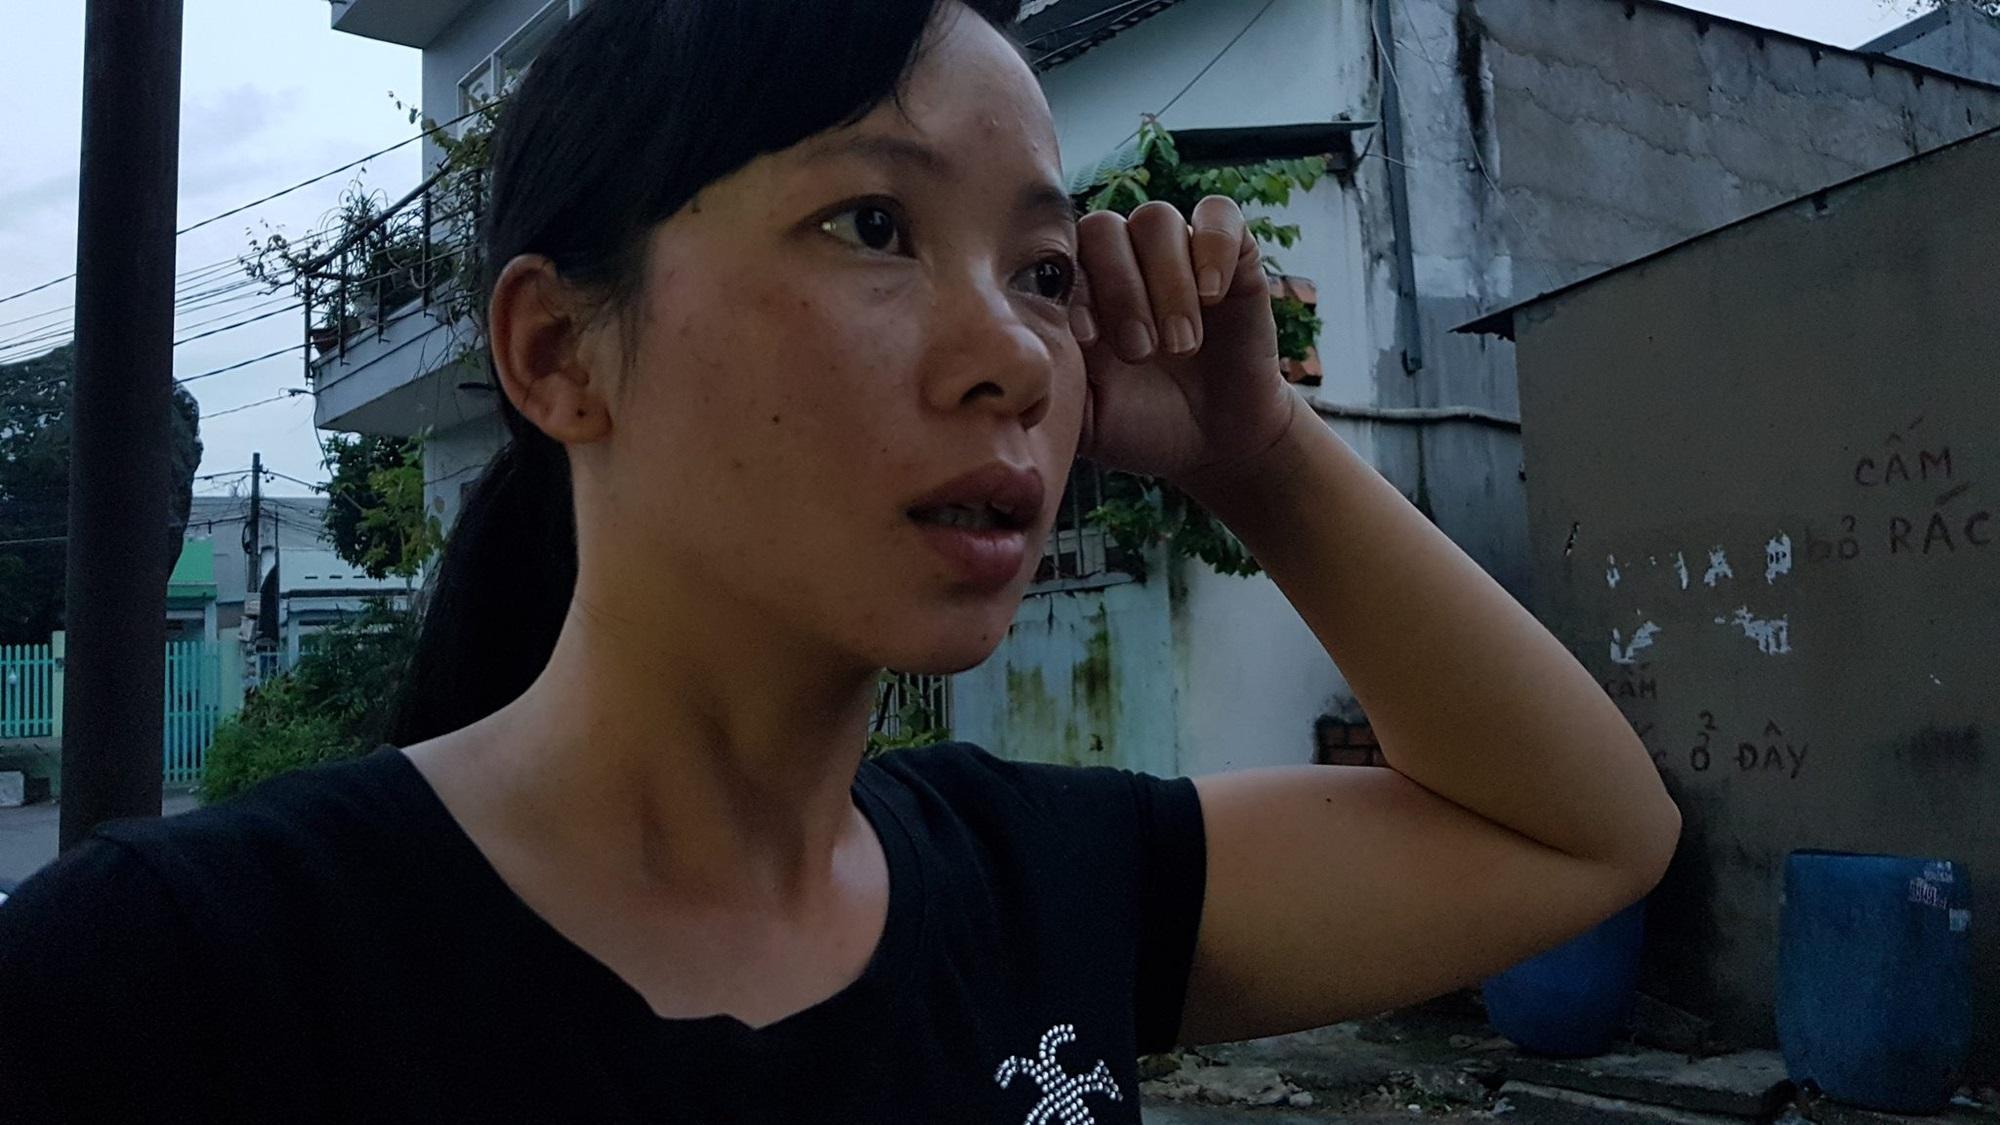 Vụ hỏa hoạn khiến 6 người thương vong tại TP. HCM: Người thân bất lực nhìn 2 bà cháu kêu cứu rồi chết cháy trong nhà - Ảnh 2